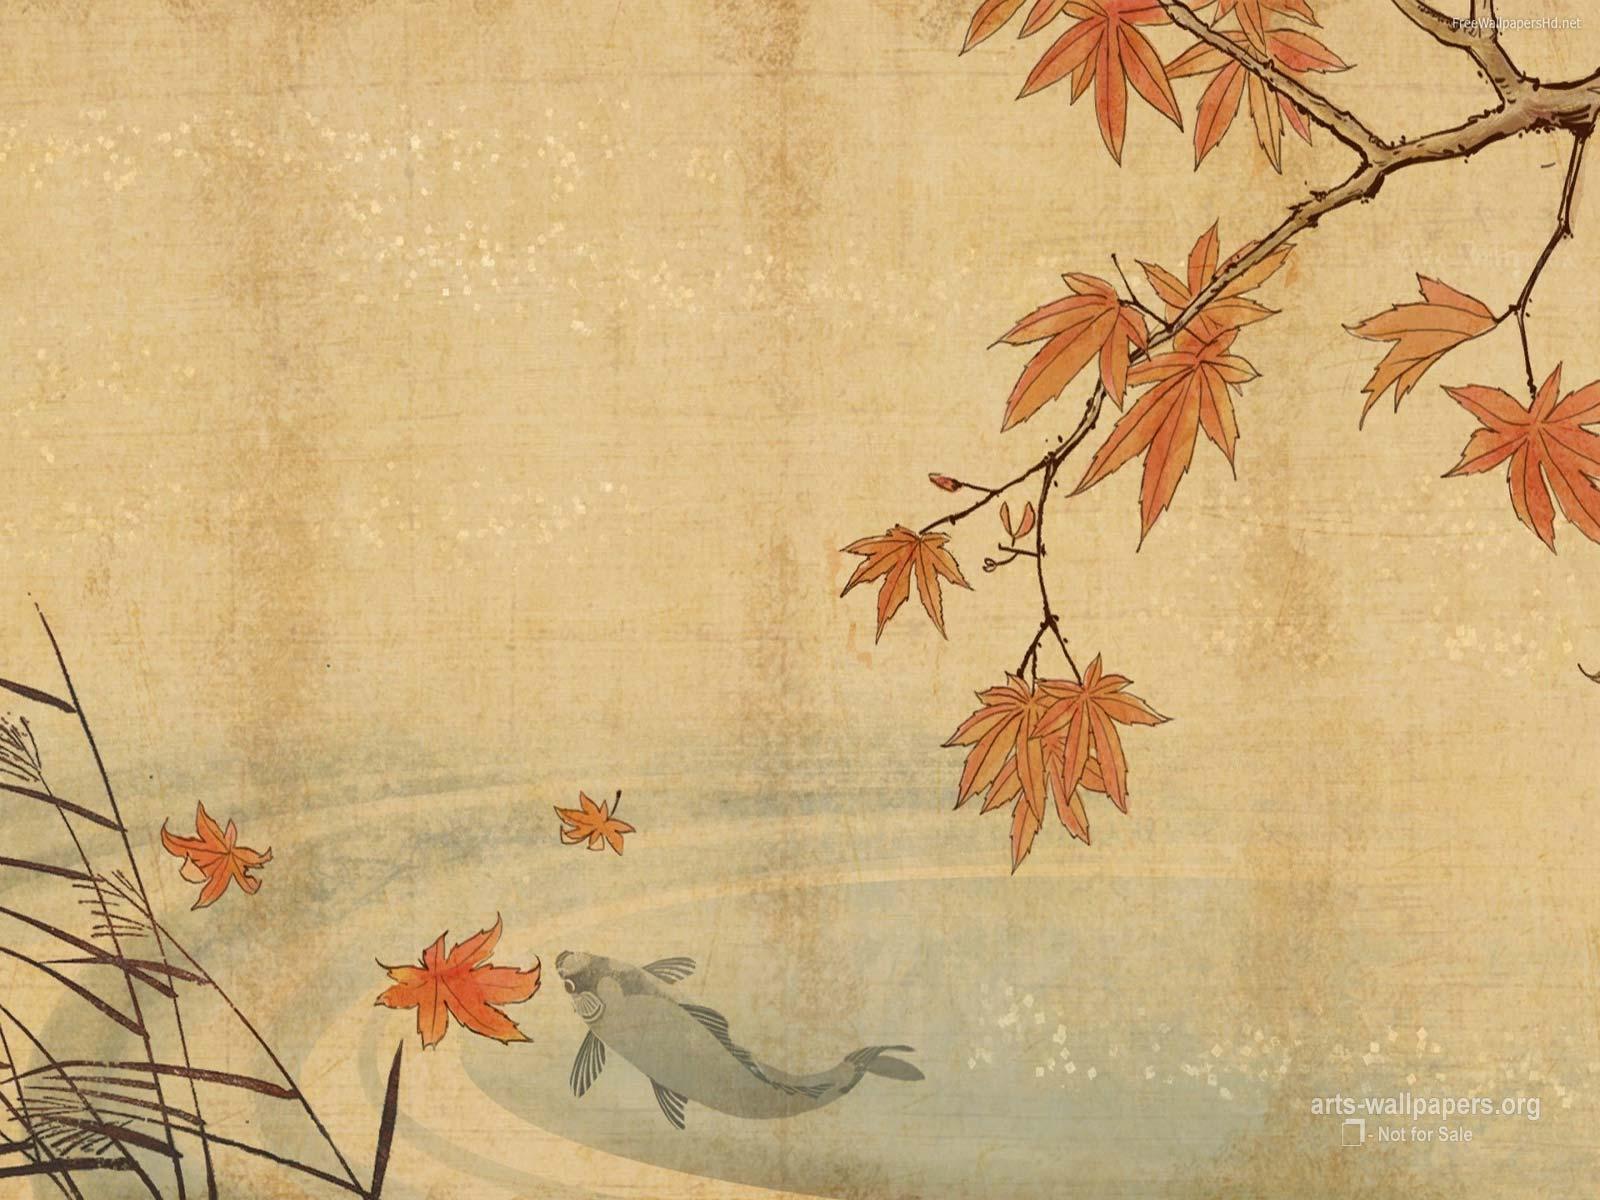 Asian Art Wallpaper Top HD Wallpapers 1600x1200